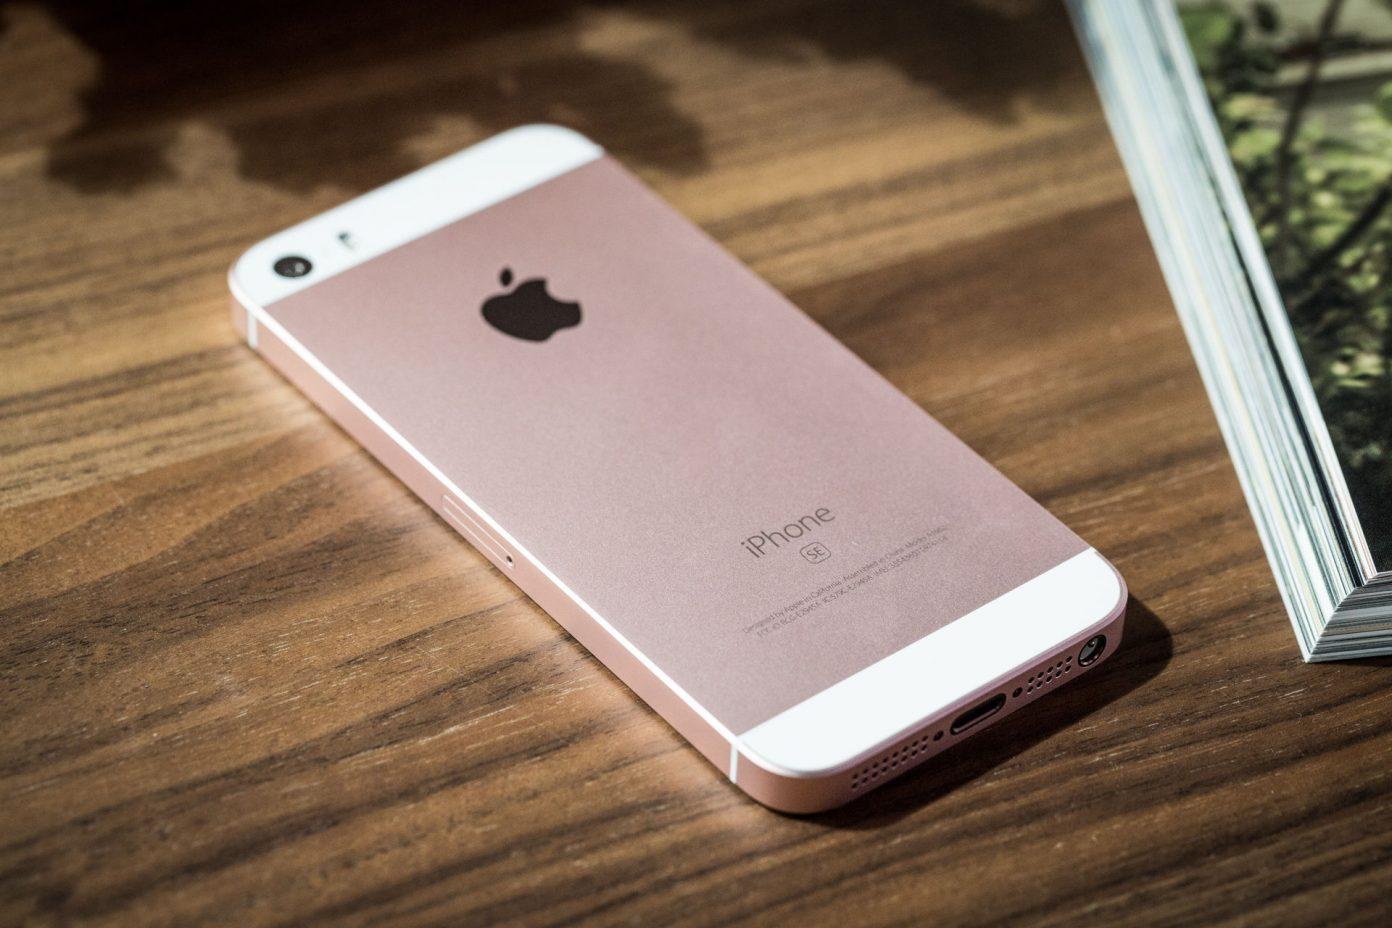 yeni-iphone-se-duyurulacak-mi-tekno-haber-1-1392x928